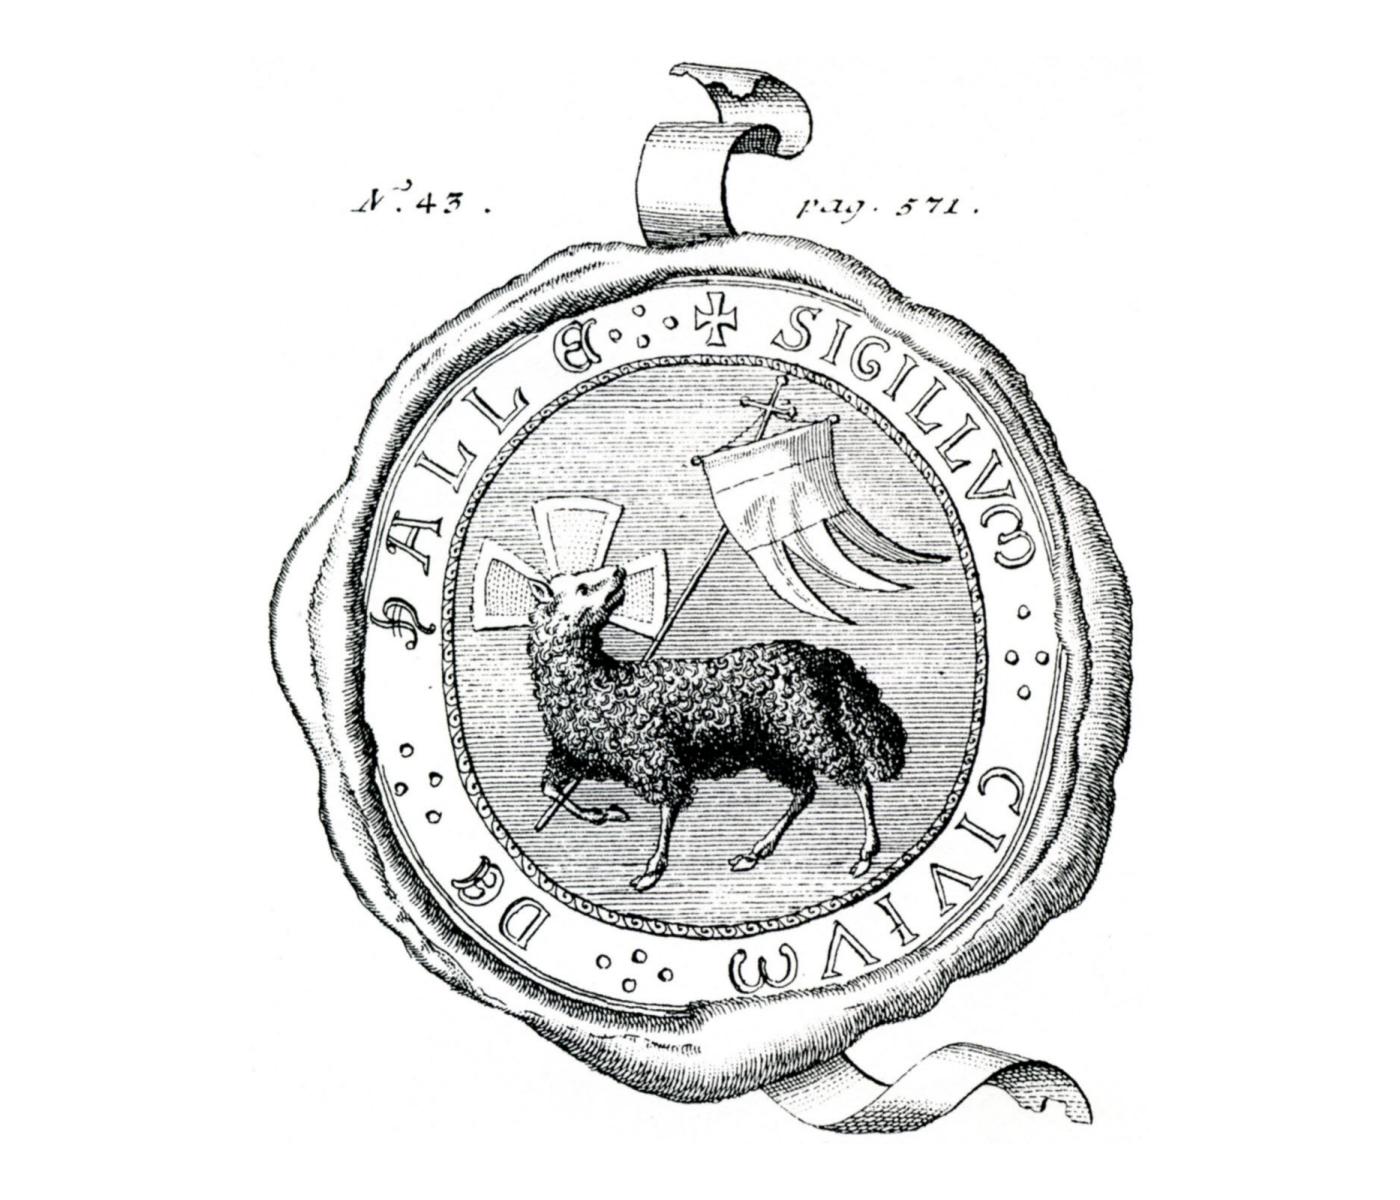 Siegel der Bürger von (Reichen)hall